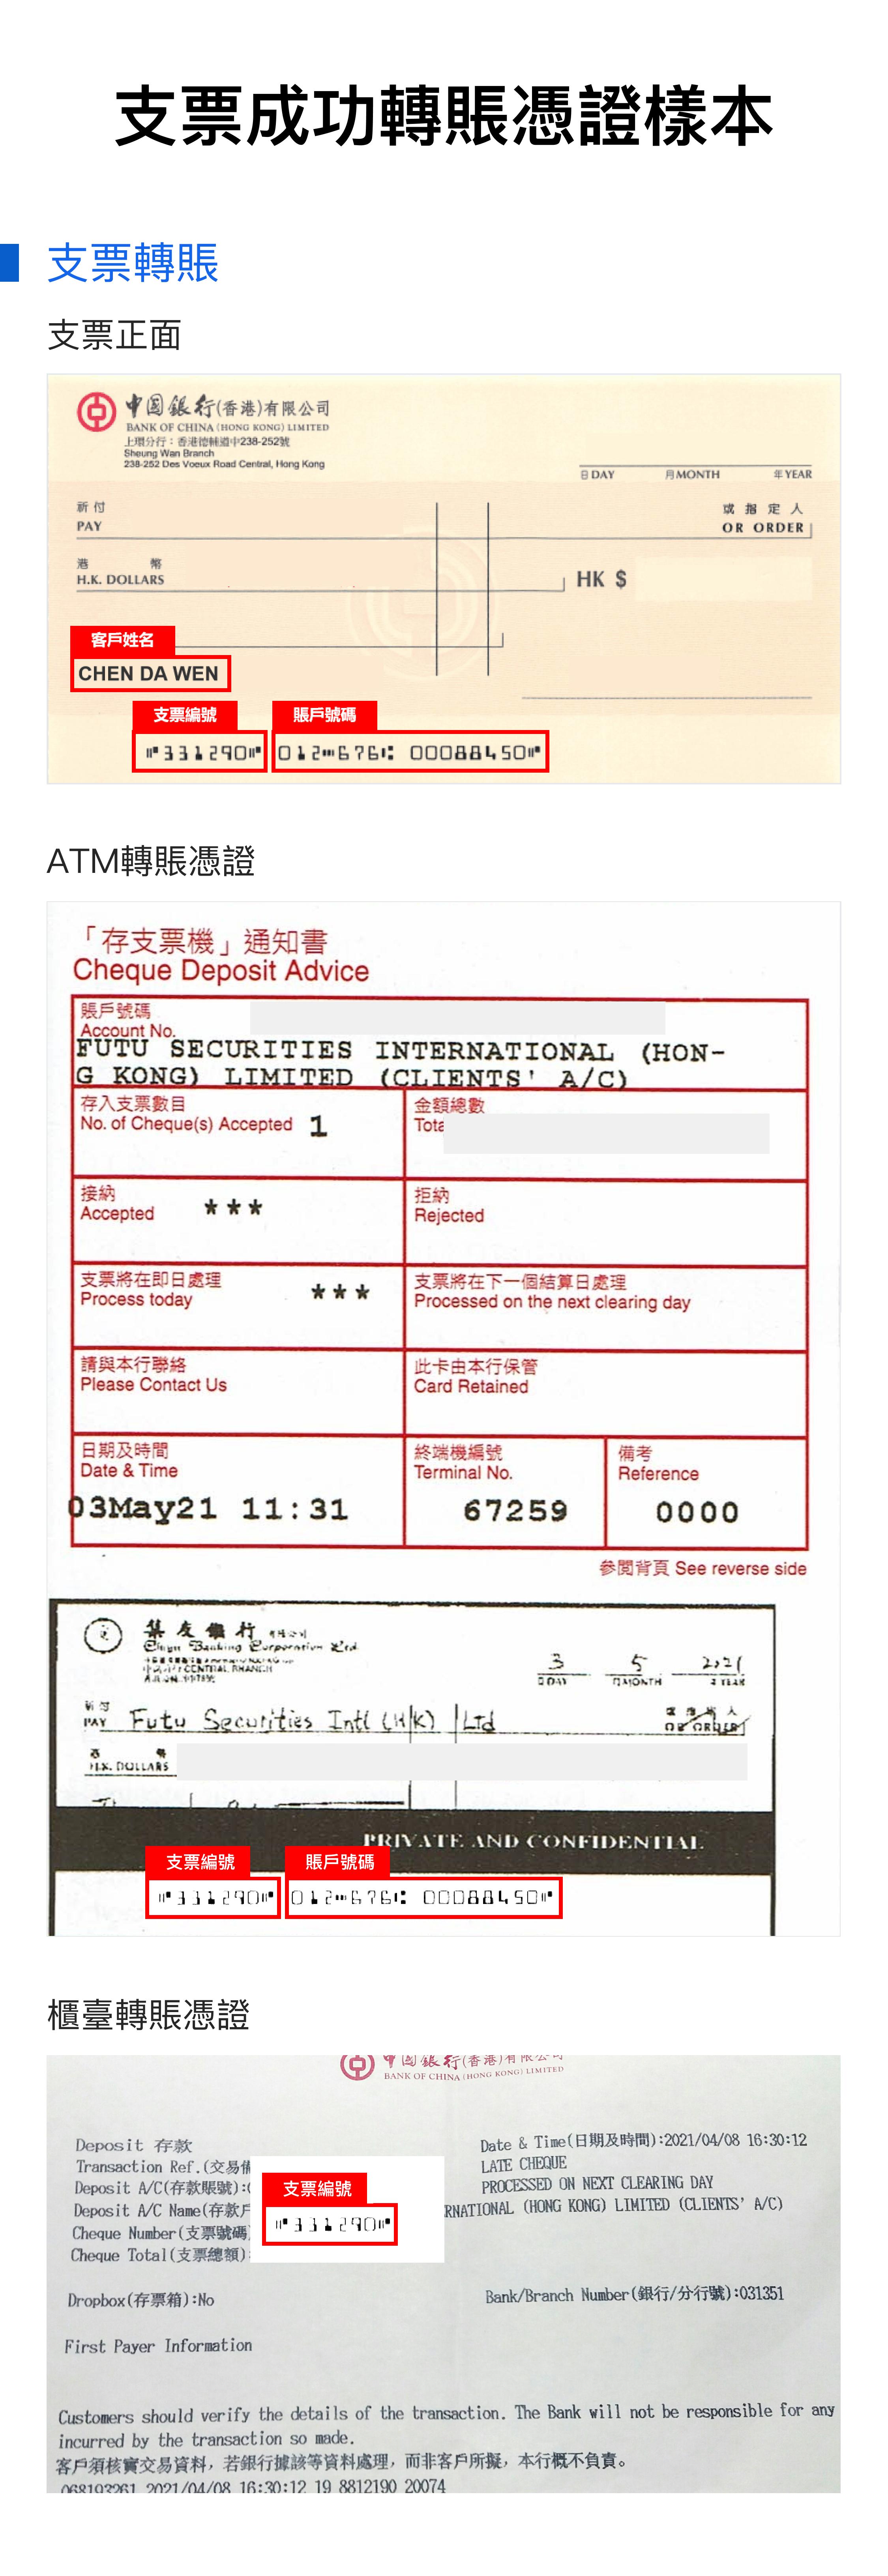 【香港银行】支票入金指引 – 存入资金 – 富途证券插图5